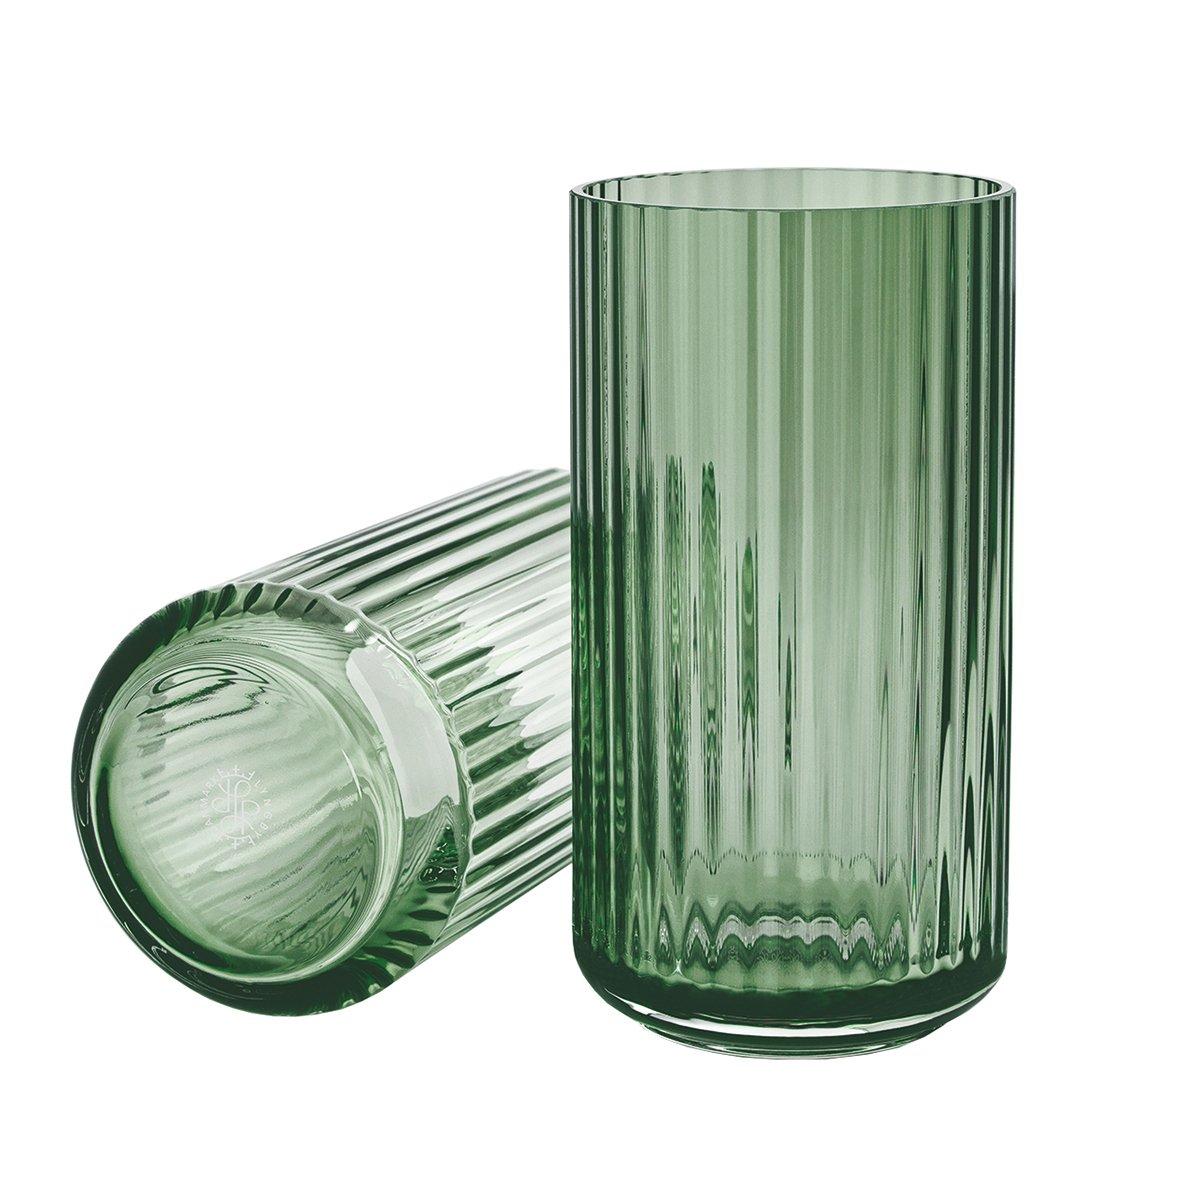 Lyngby Porcel�n Lyngby Vaas Glas - Groen - 20,5 cm.